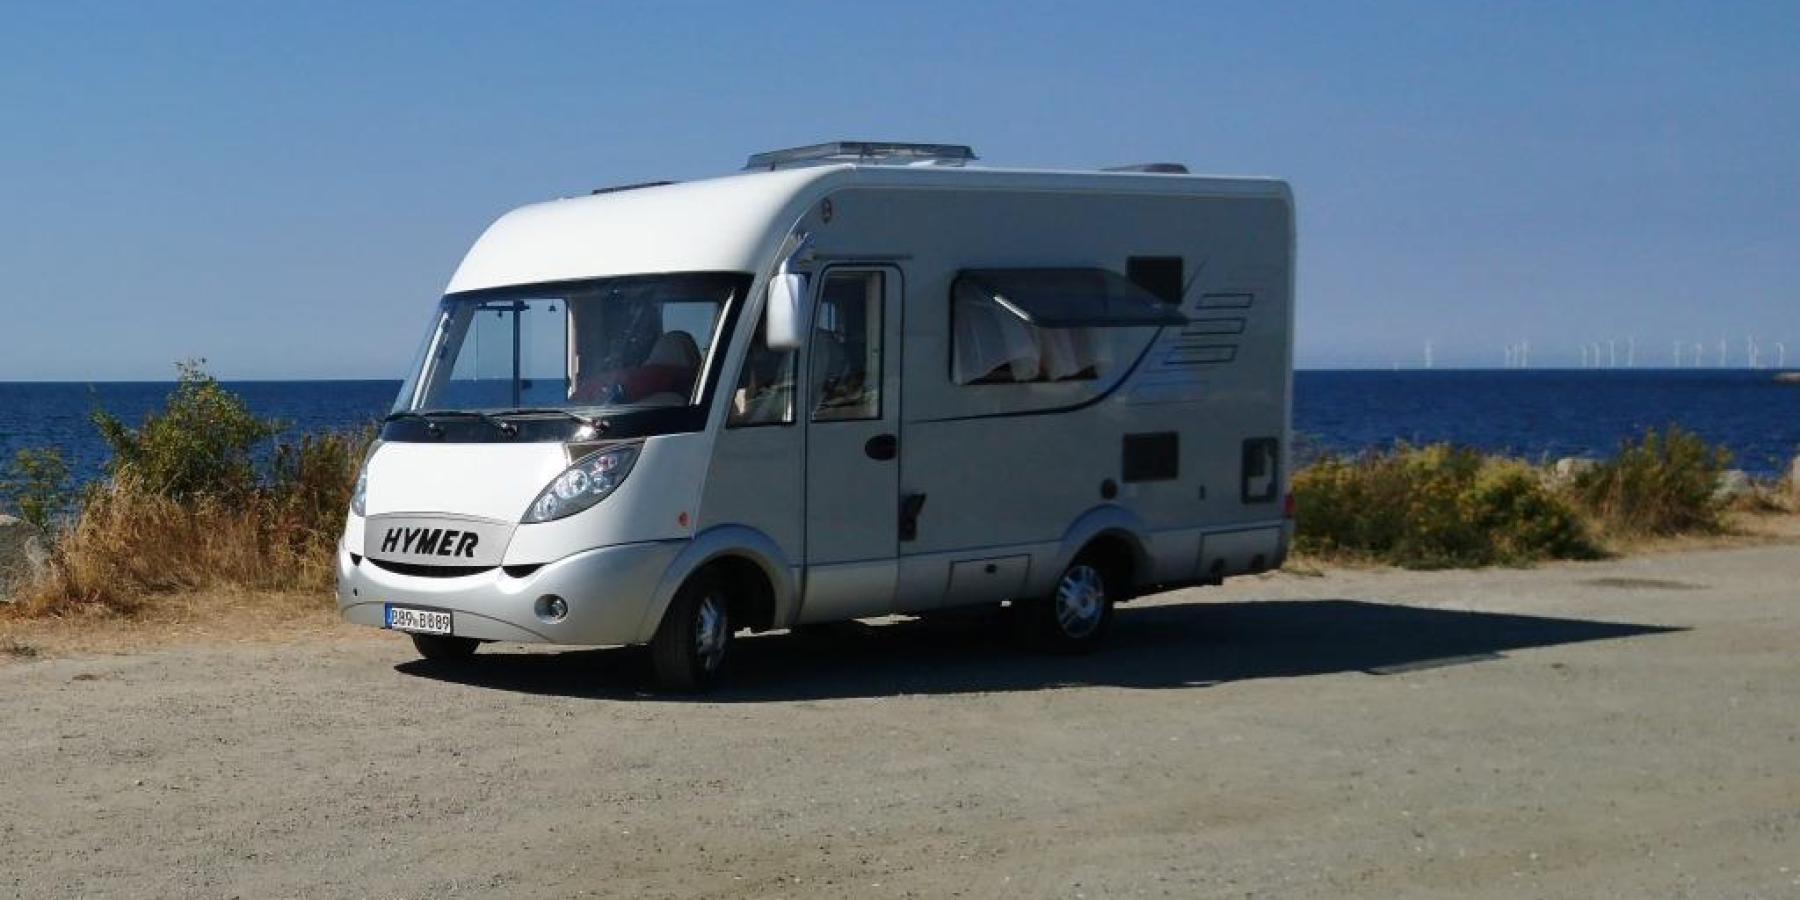 Fahren mit Caravan – eine besondere Herausforderung